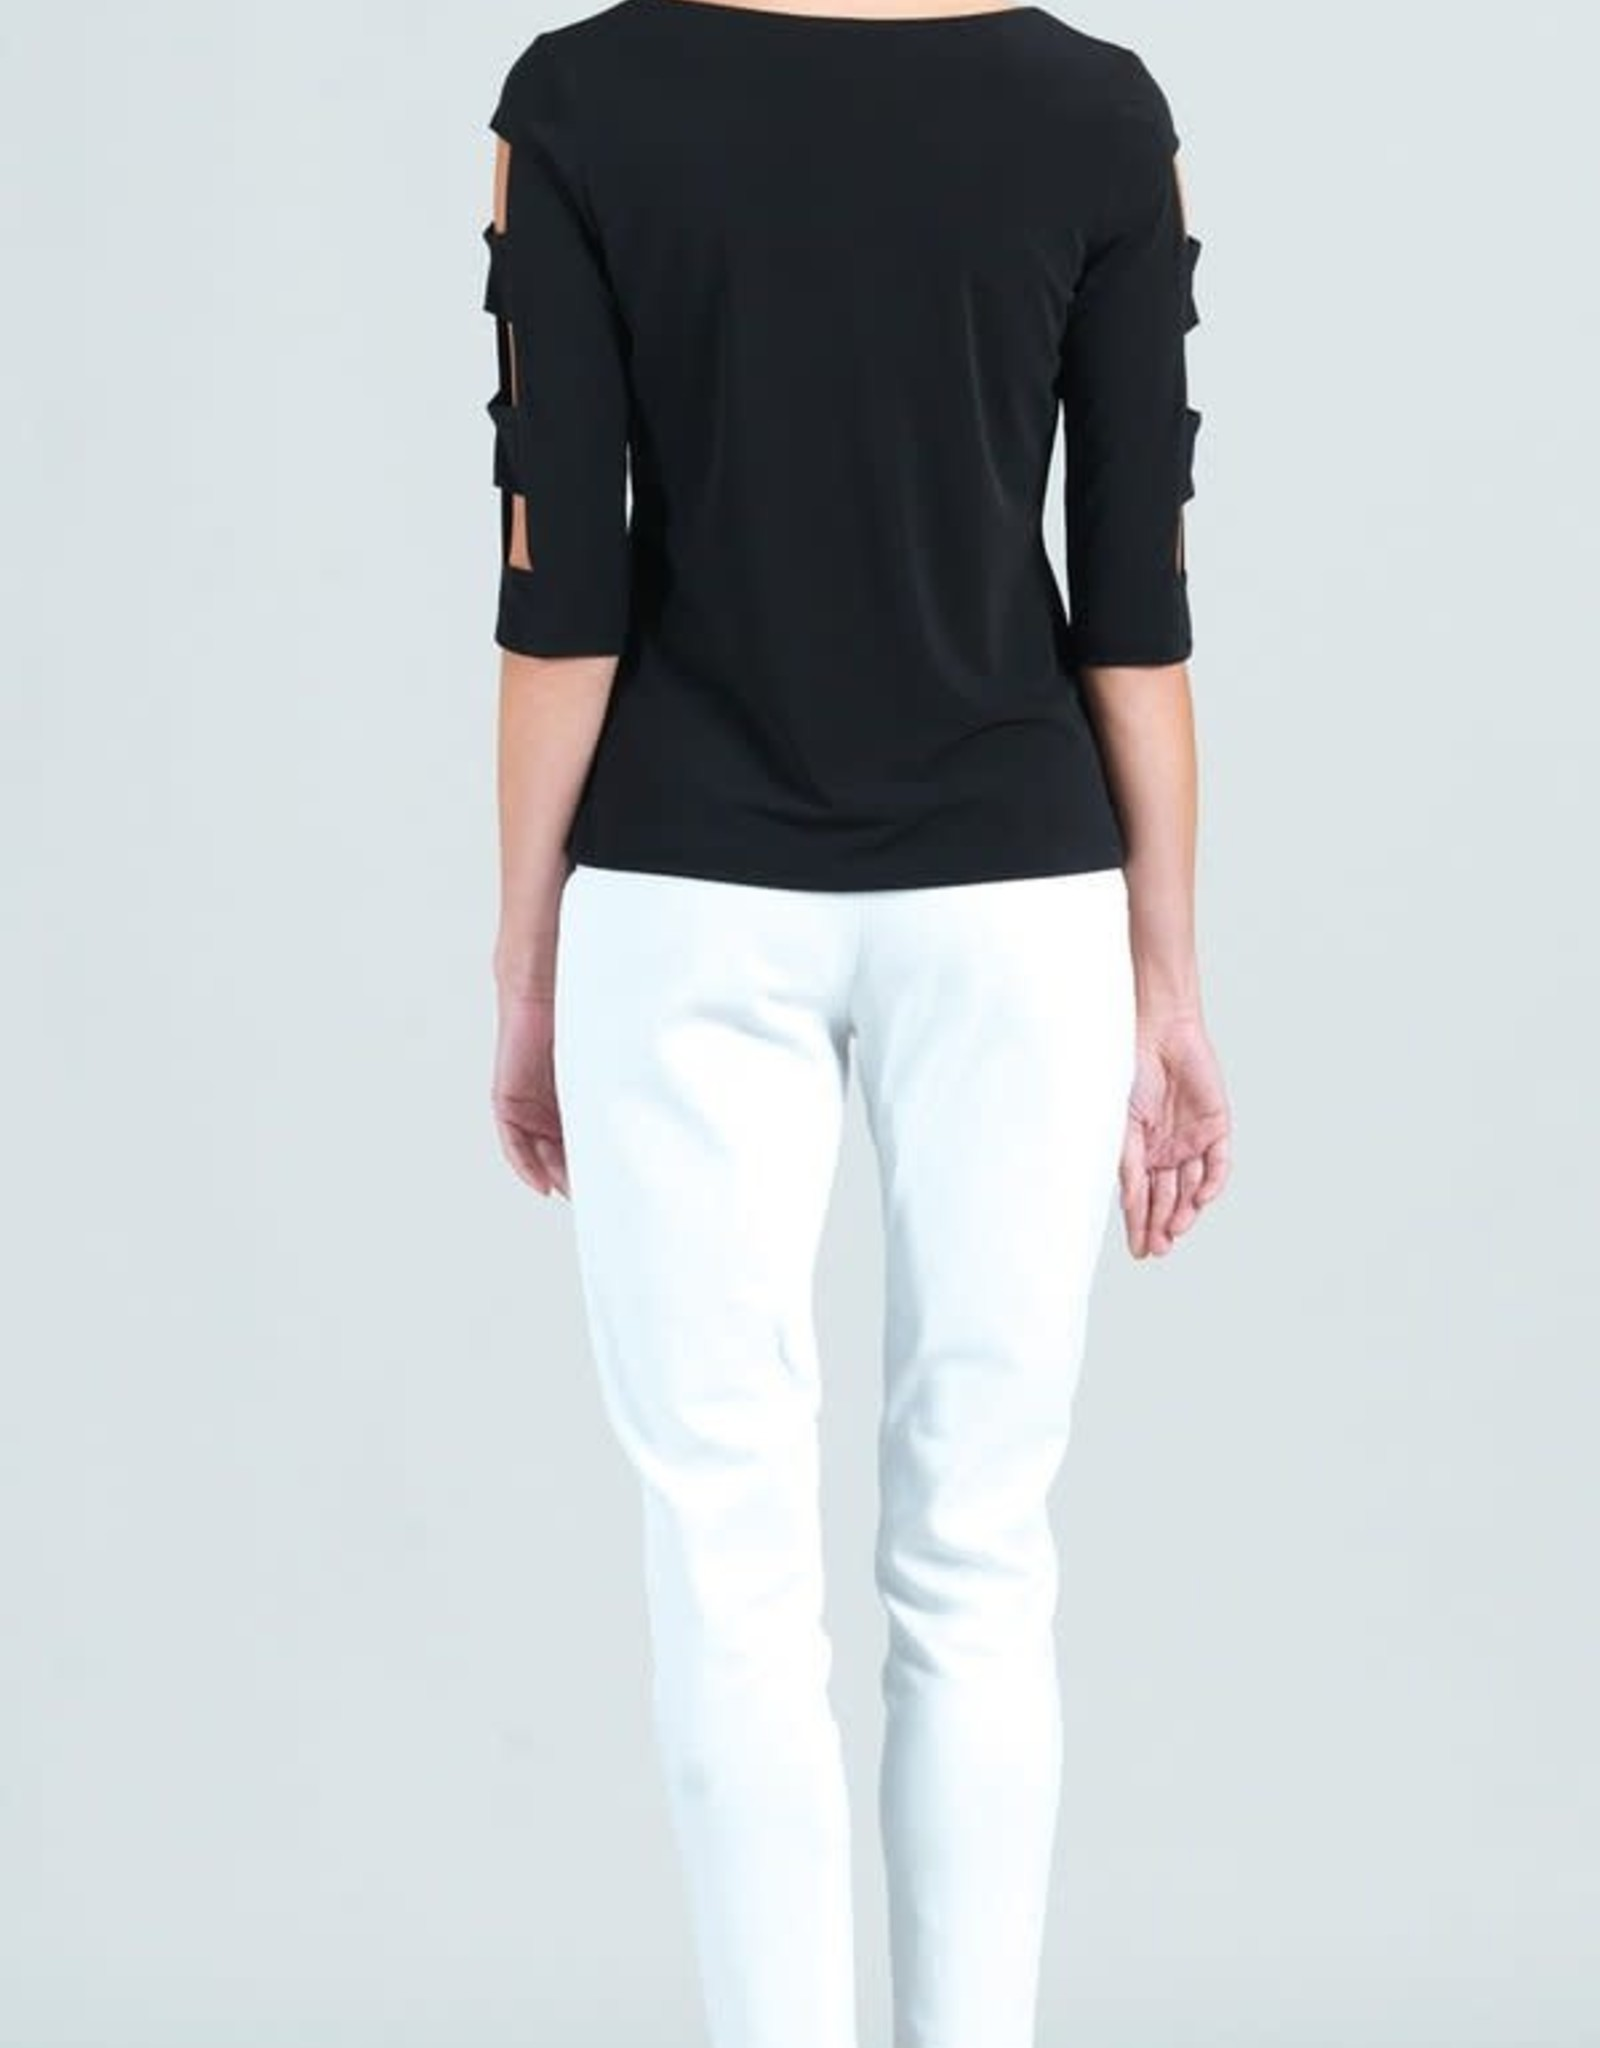 - Black Ladder Sleeve 3/4 Sleeve Top